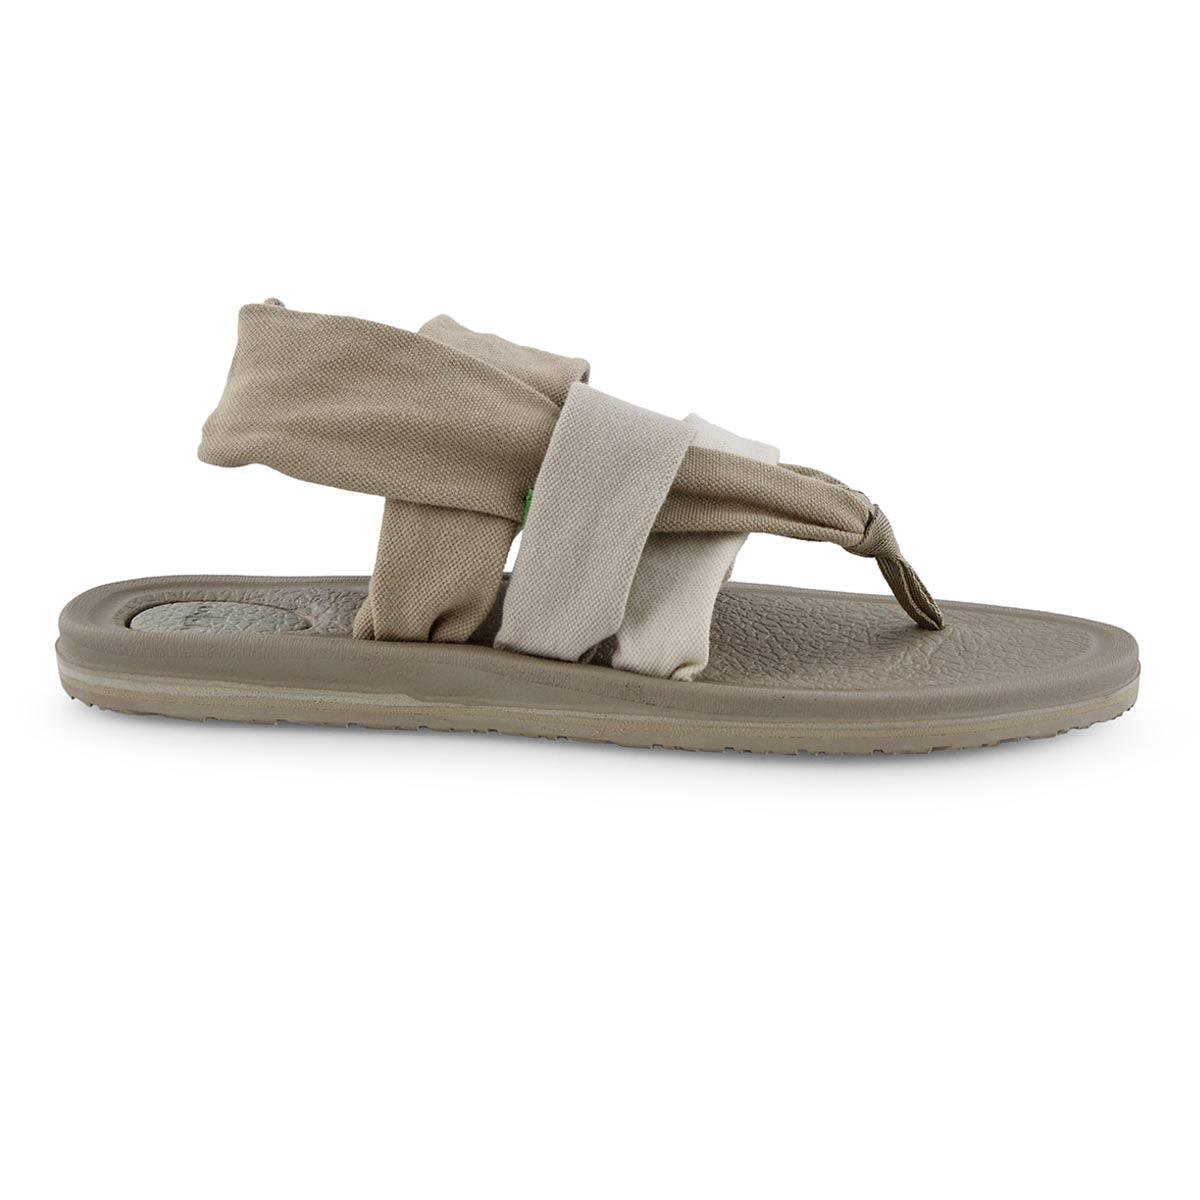 Lds Yoga Sling 3 grdnt peyote thong sndl